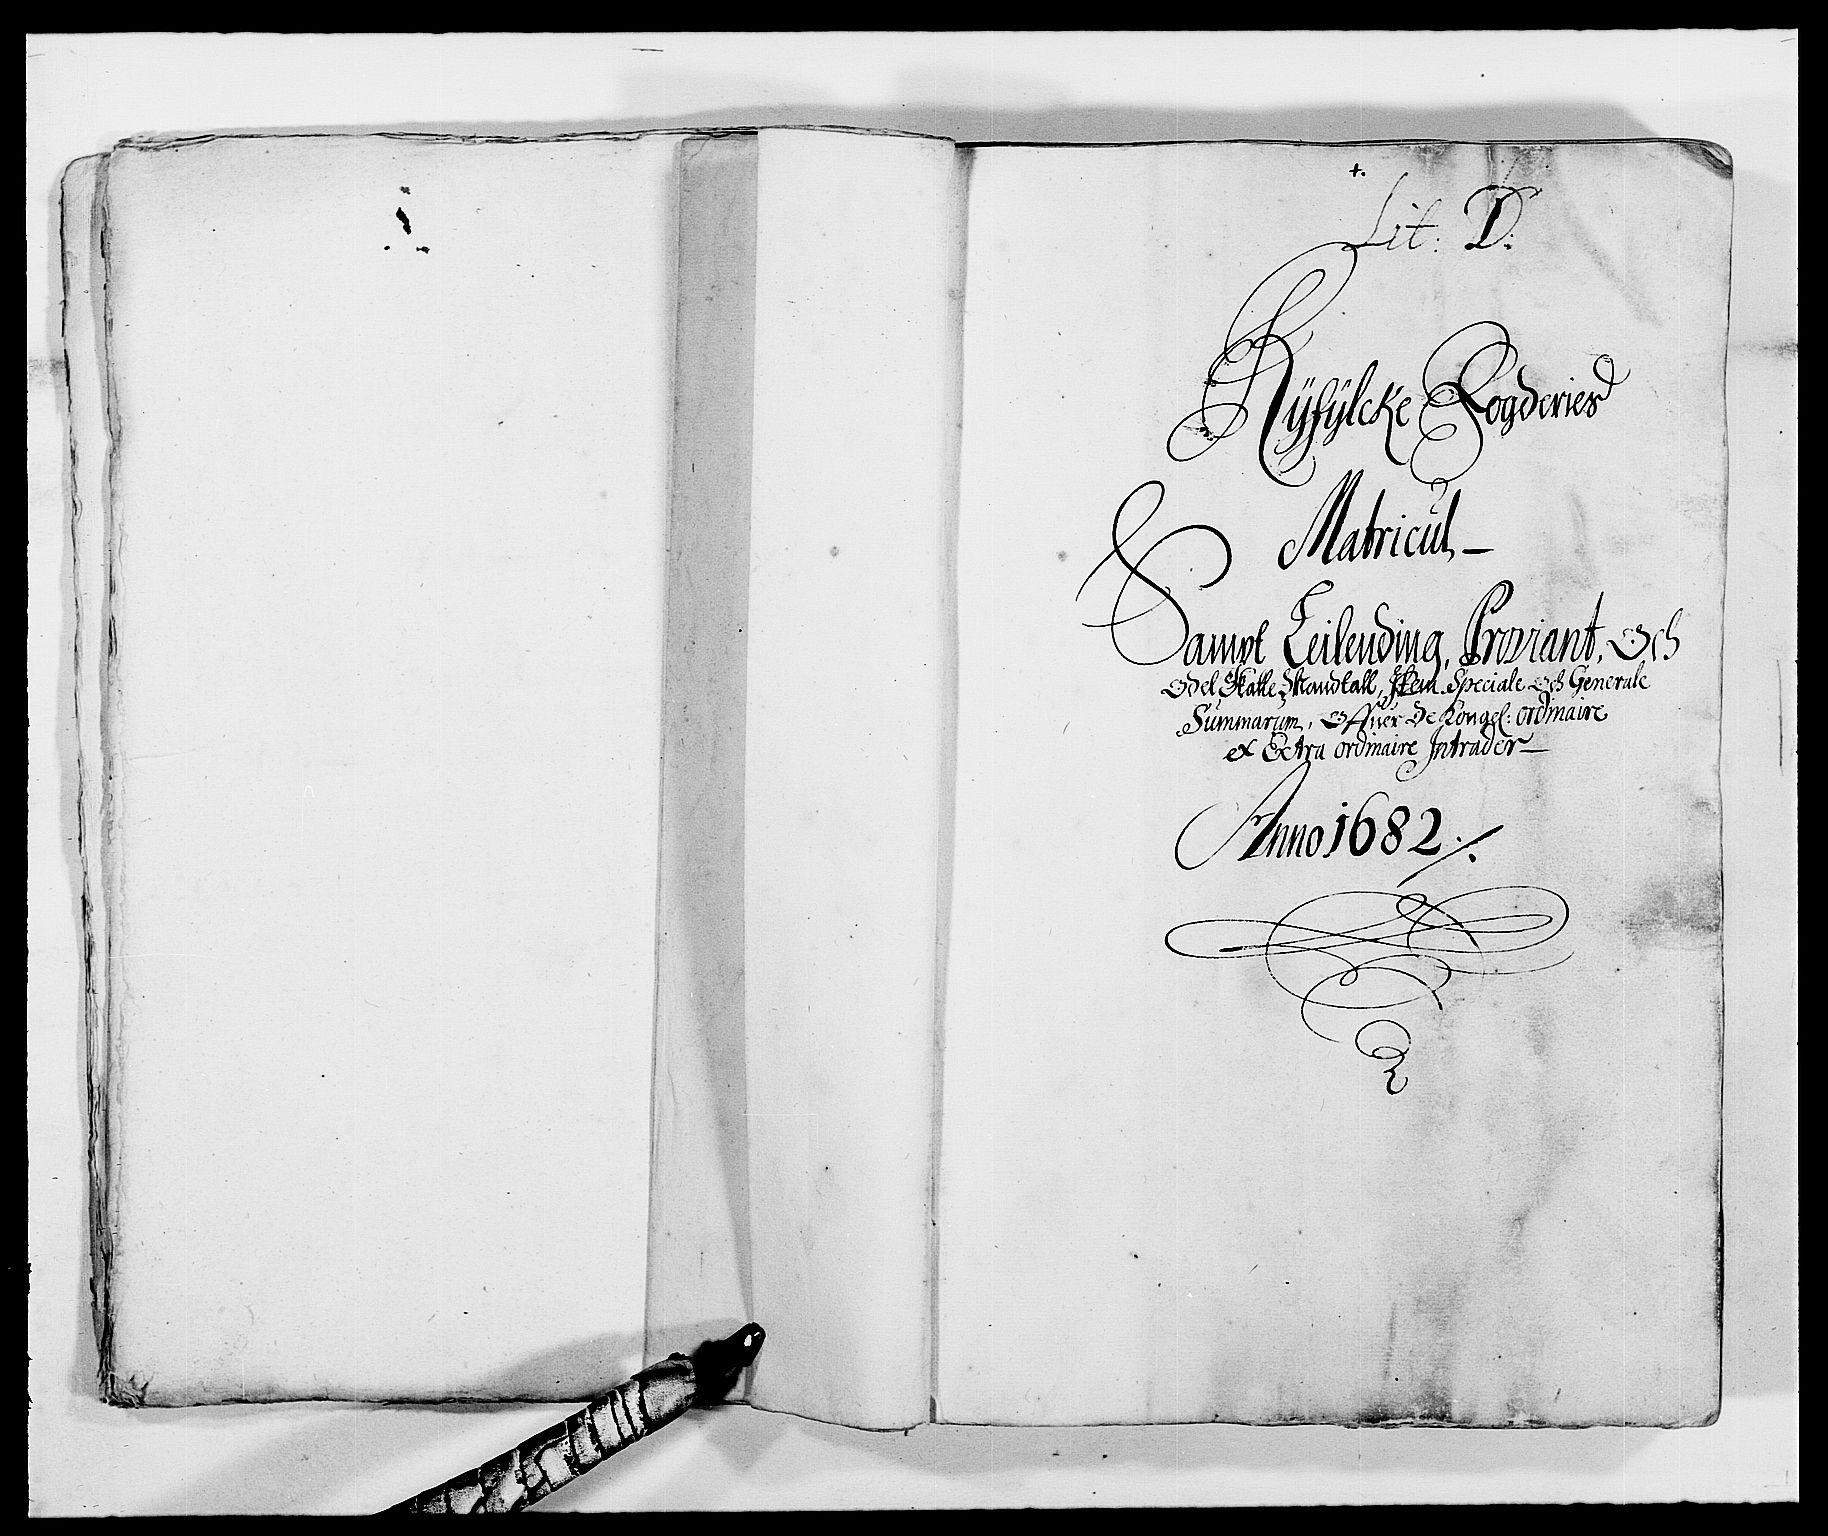 RA, Rentekammeret inntil 1814, Reviderte regnskaper, Fogderegnskap, R47/L2853: Fogderegnskap Ryfylke, 1682-1683, s. 74